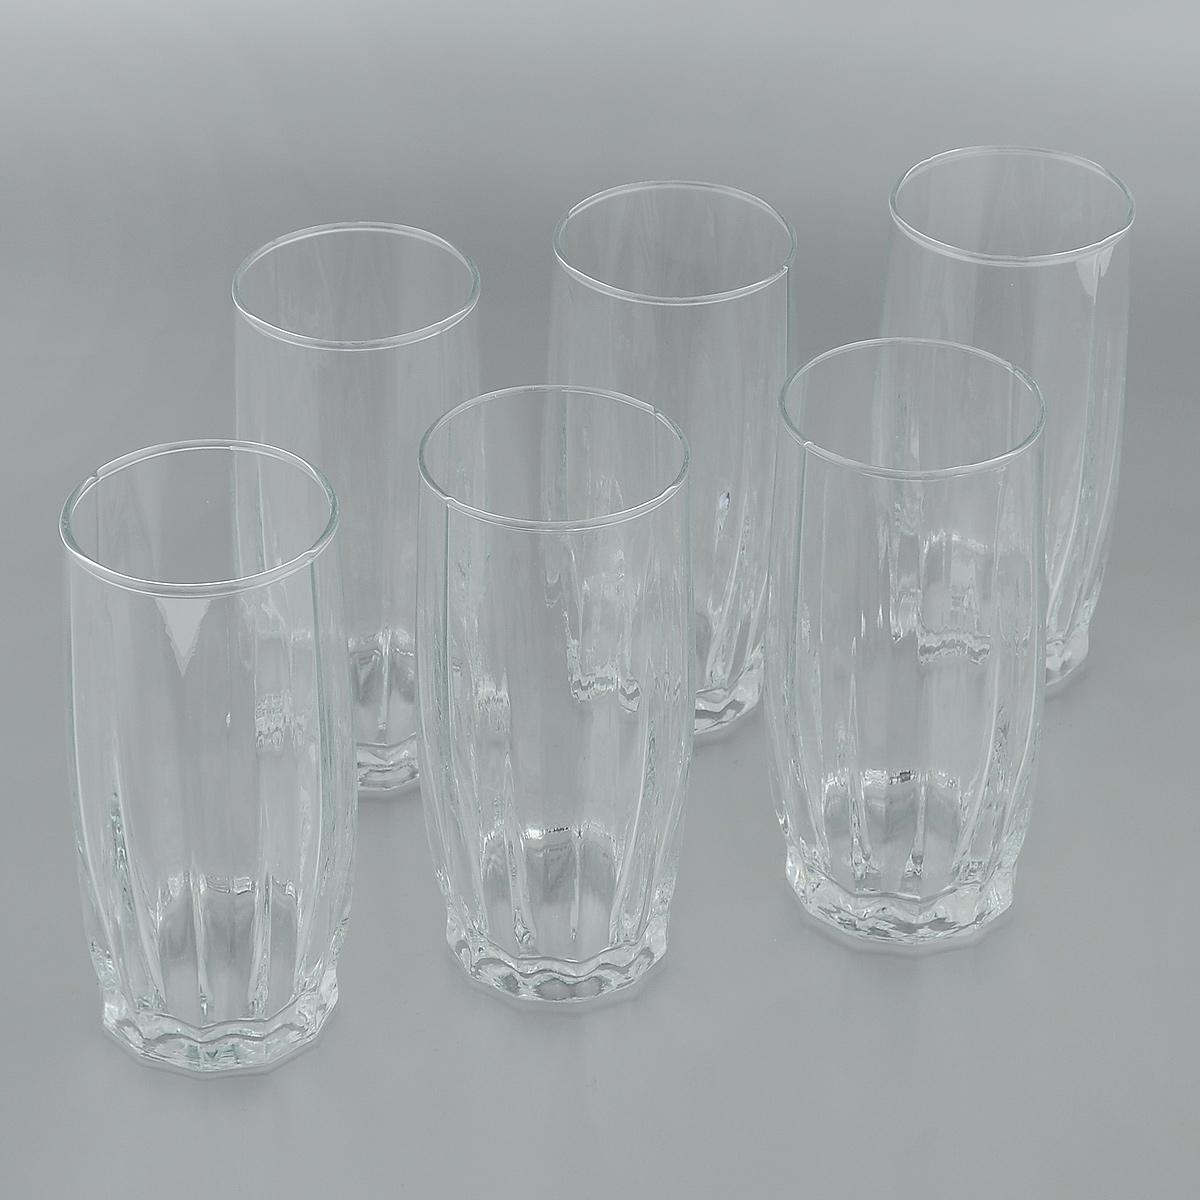 Набор стаканов для коктейлей Pasabahce Dance, 320 мл, 6 шт42868BНабор Pasabahce Dance состоит из шести стаканов, изготовленных из прочного натрий-кальций-силикатного стекла. Изделия, предназначенные для подачи коктейлей, воды, сока и других напитков, несомненно придутся вам по душе. Стаканы, оснащенные рельефной многогранной поверхностью, сочетают в себе элегантный дизайн и функциональность. Благодаря такому набору пить напитки будет еще вкуснее. Набор стаканов Pasabahce Dance идеально подойдет для сервировки стола и станет отличным подарком к любому празднику.Можно мыть в посудомоечной машине и использовать в микроволновой печи. Диаметр стакана по верхнему краю: 6 см.Высота стакана: 14 см.